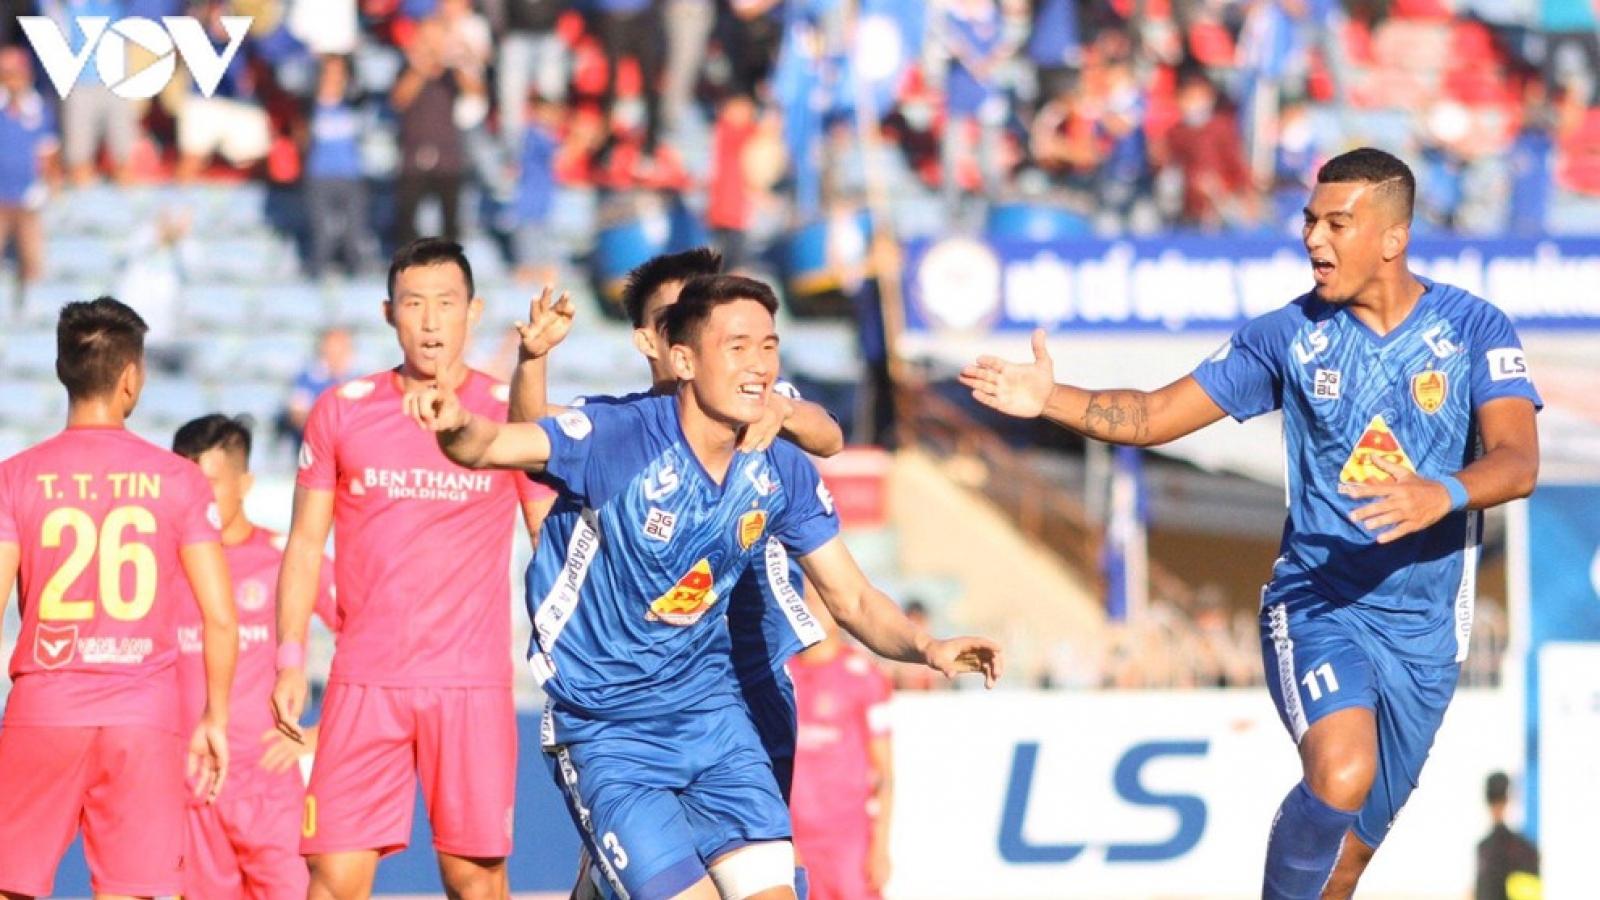 Cúp Quốc gia 2021: Quảng Nam thắng kịch tính, Thanh Hóa thảm bại